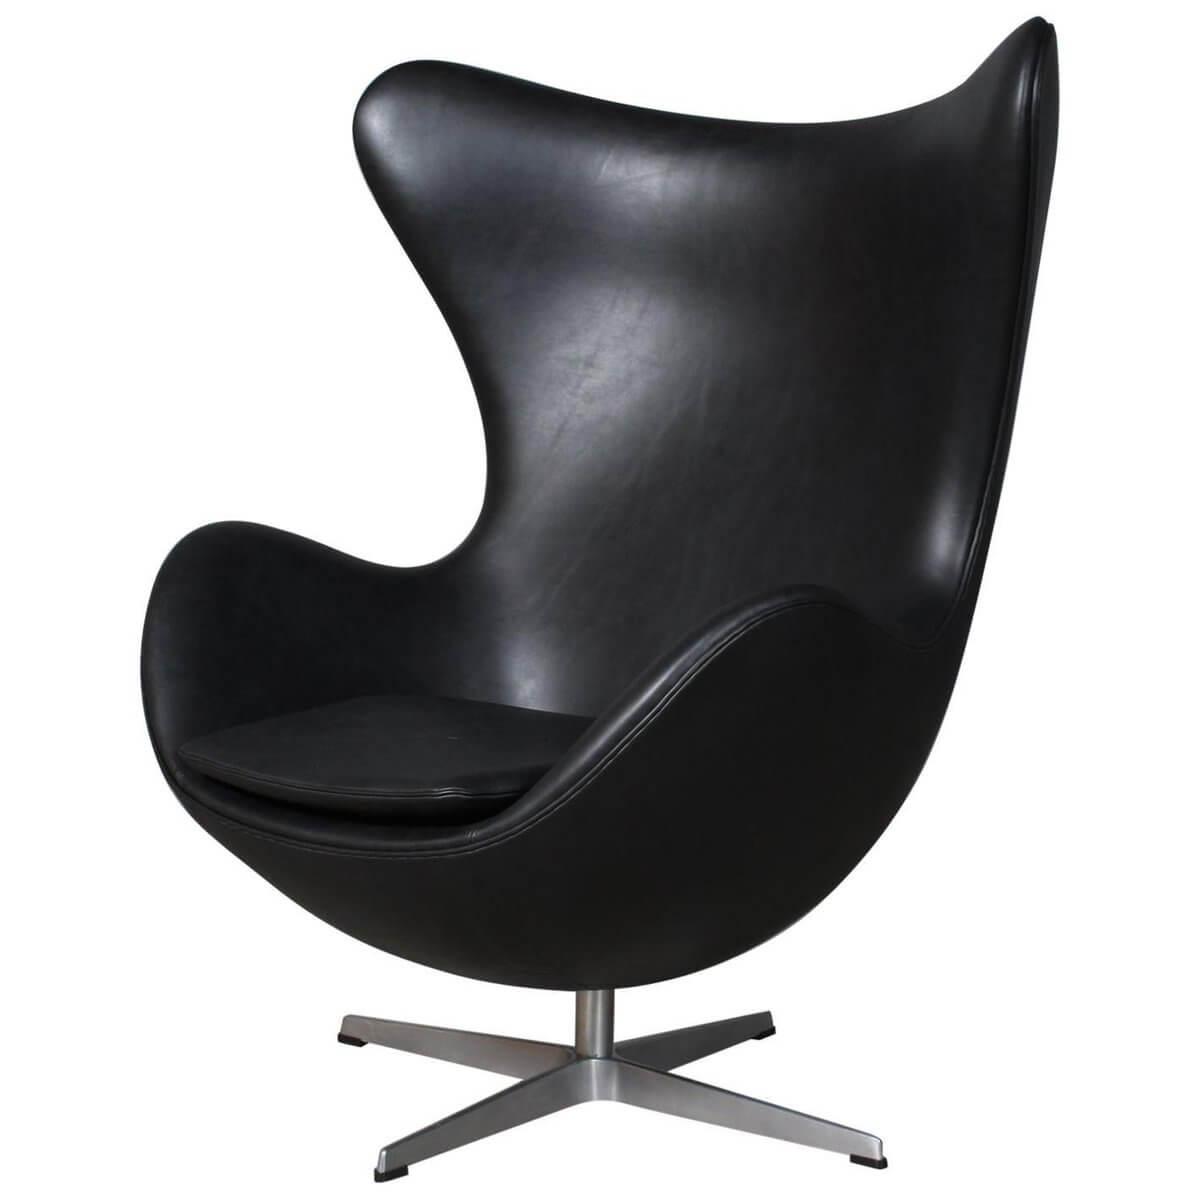 fauteuil-egg-mid-century-par-arne-jacobsen-pour-fritz-hansen